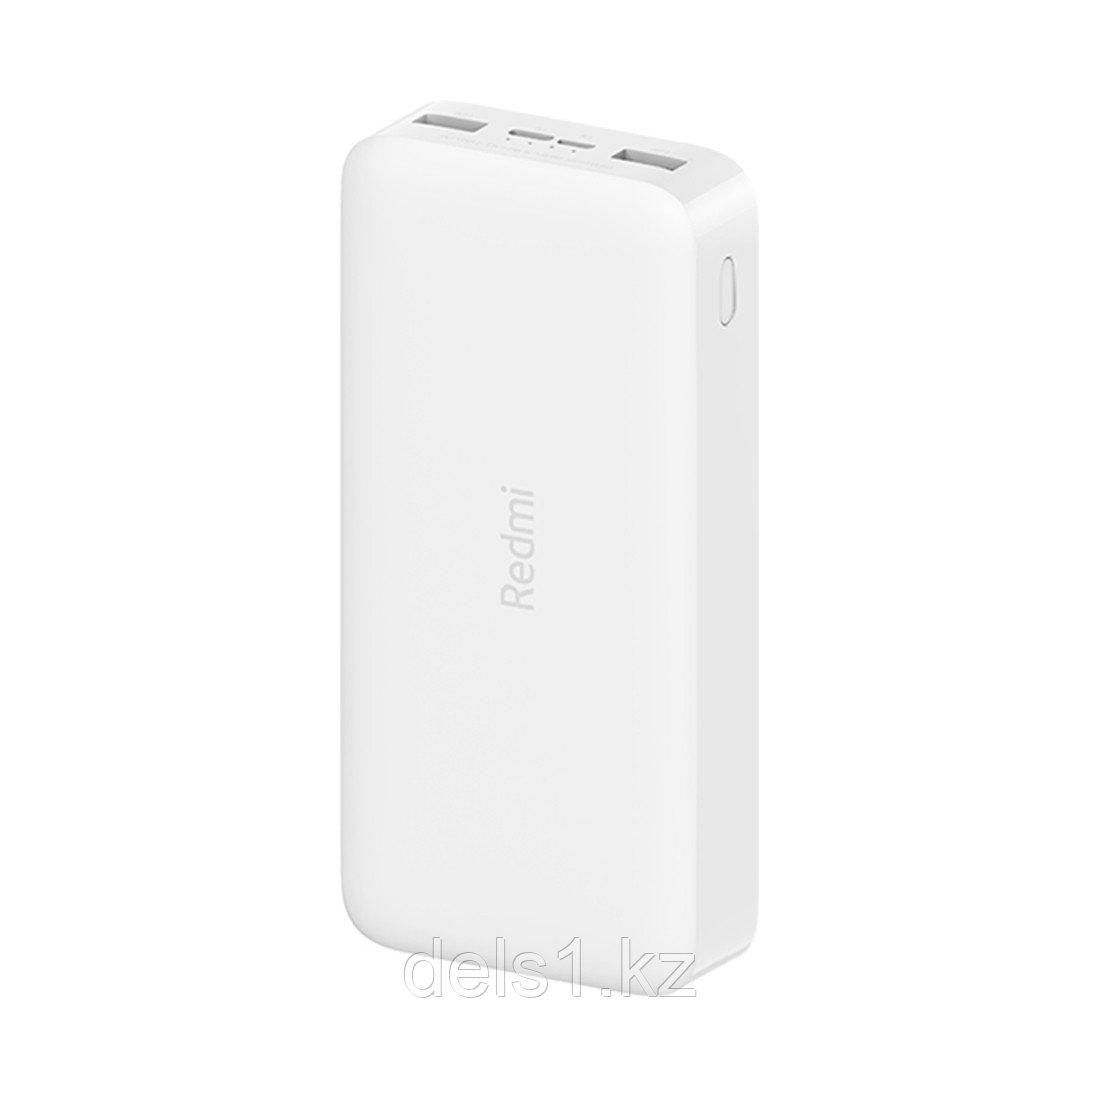 Портативное зарядное устройство Xiaomi Redmi Power Bank 20000mAh (18W Fast Charge) Белый